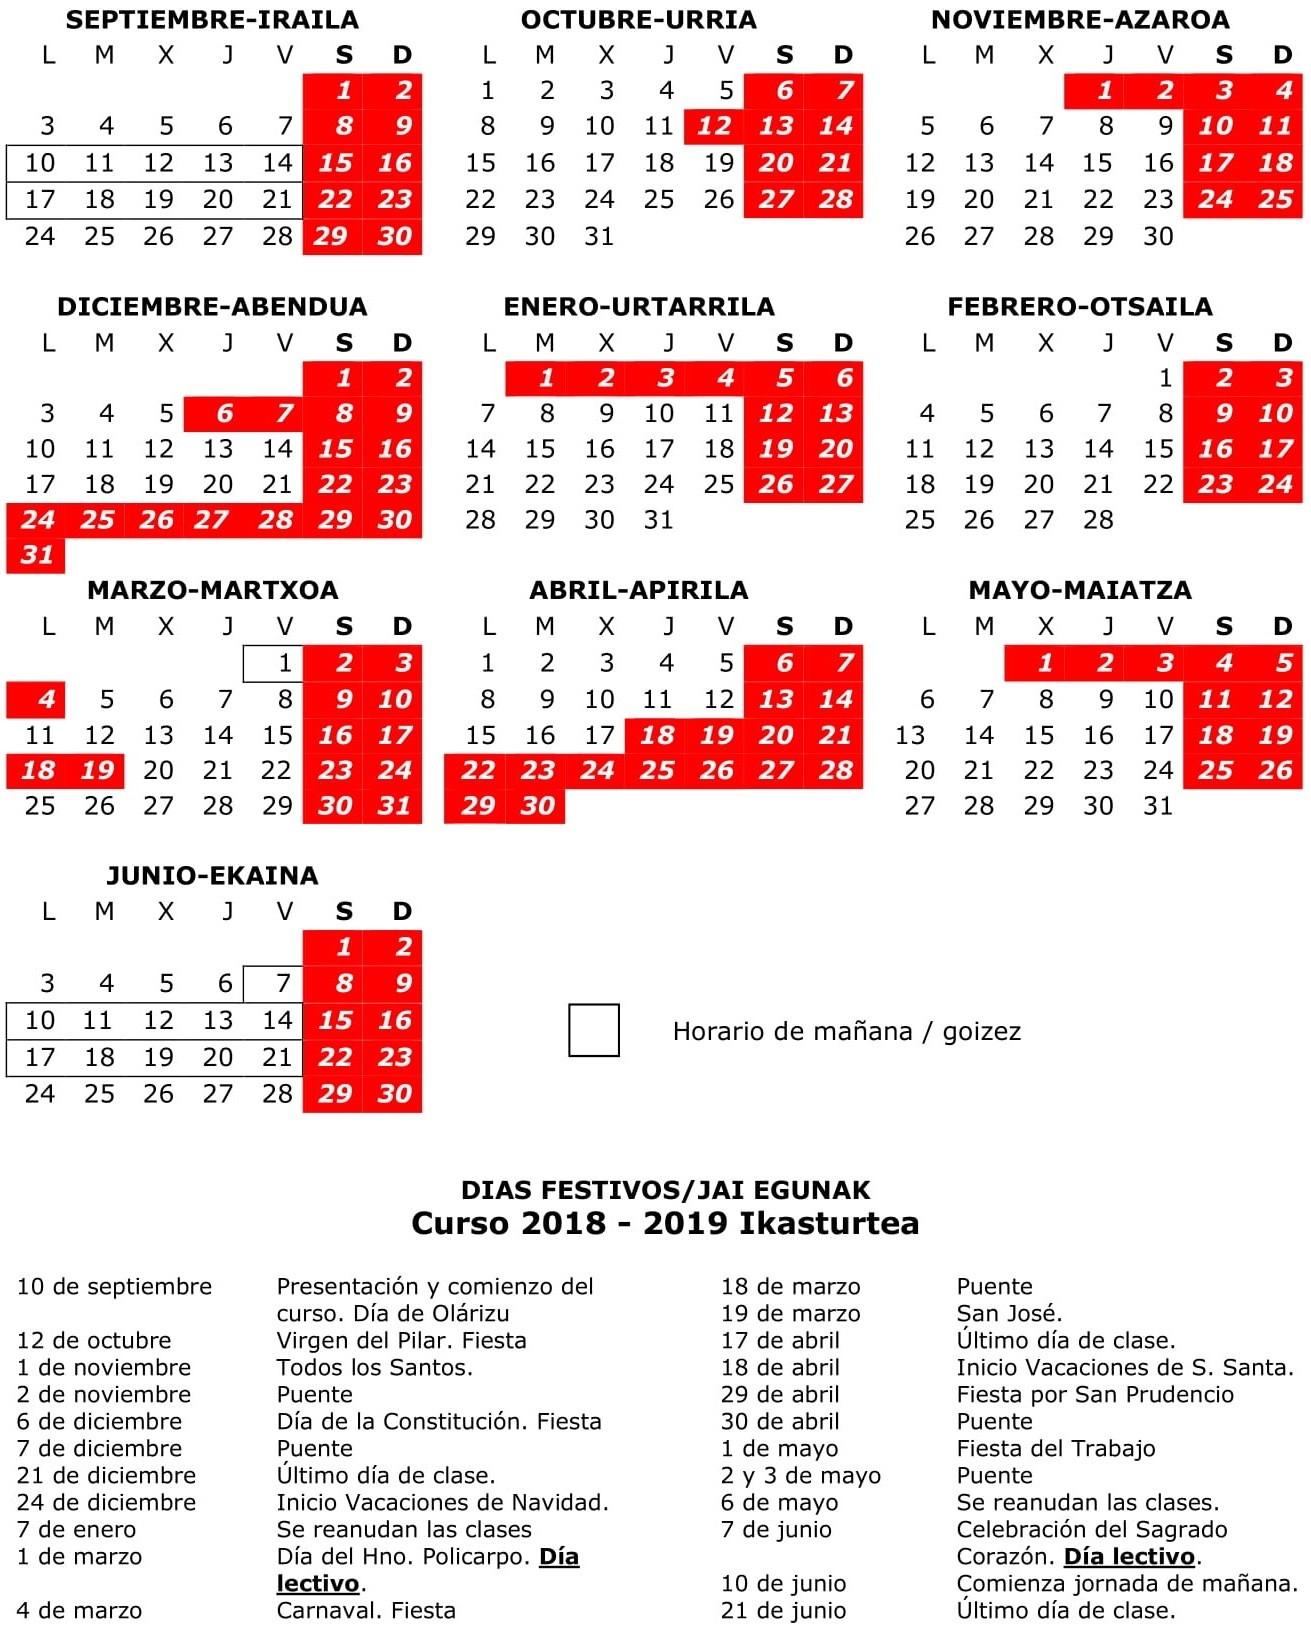 Calendario Laboral Escolar 2019 Más Populares Calendario Of Calendario Laboral Escolar 2019 Más Recientes ▷ 📆 Calendario Febrero 2019 Calendario 2019